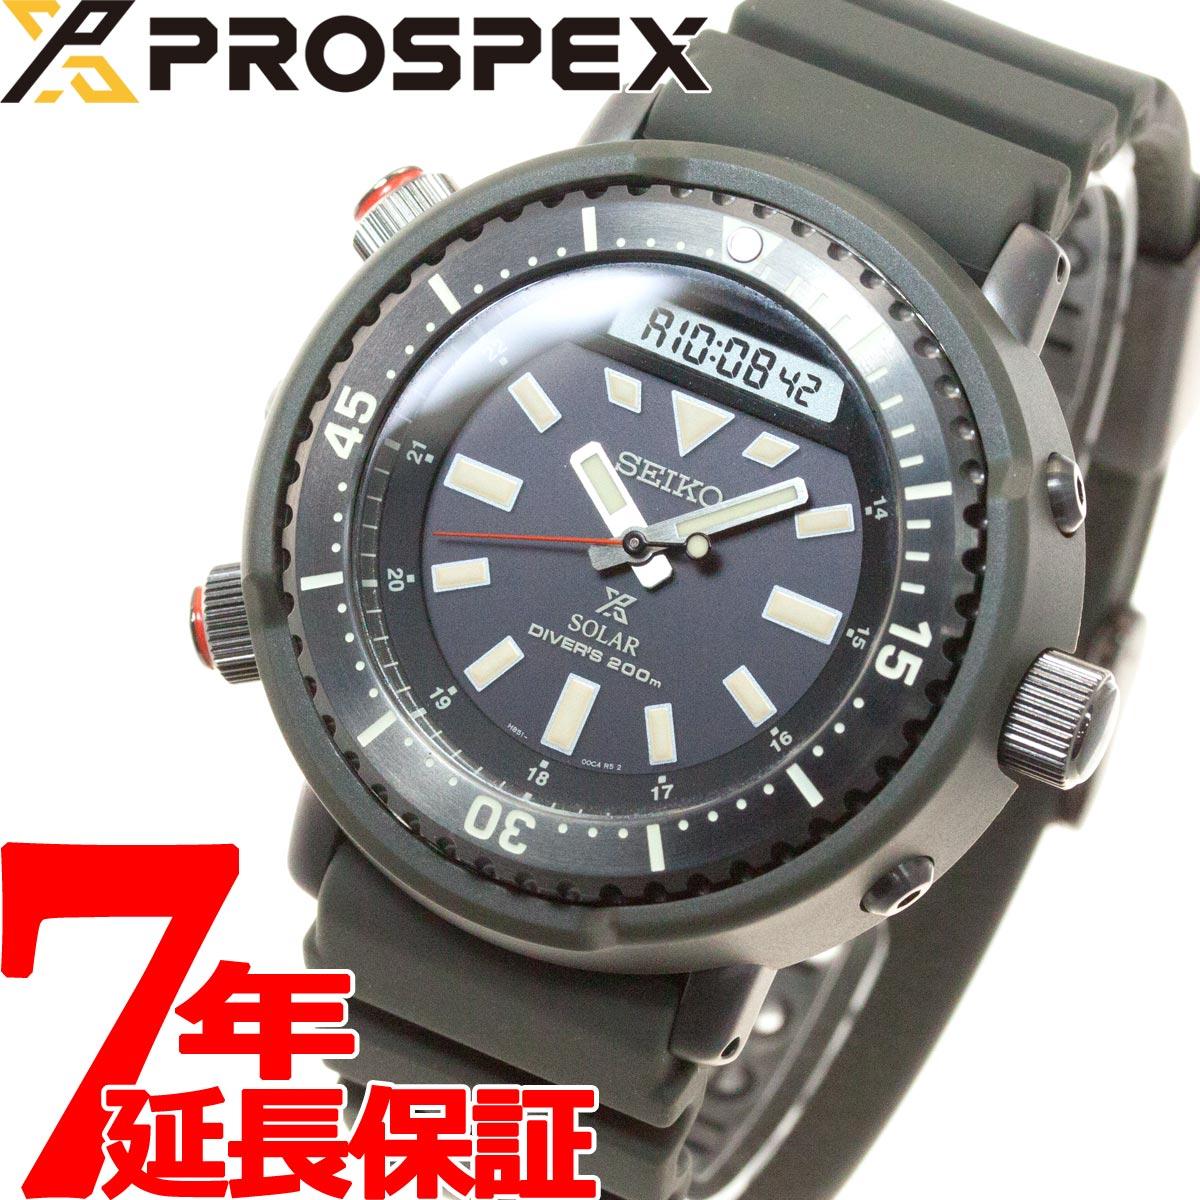 腕時計, メンズ腕時計 20037202359 SEIKO PROSPEX SBEQ0092020